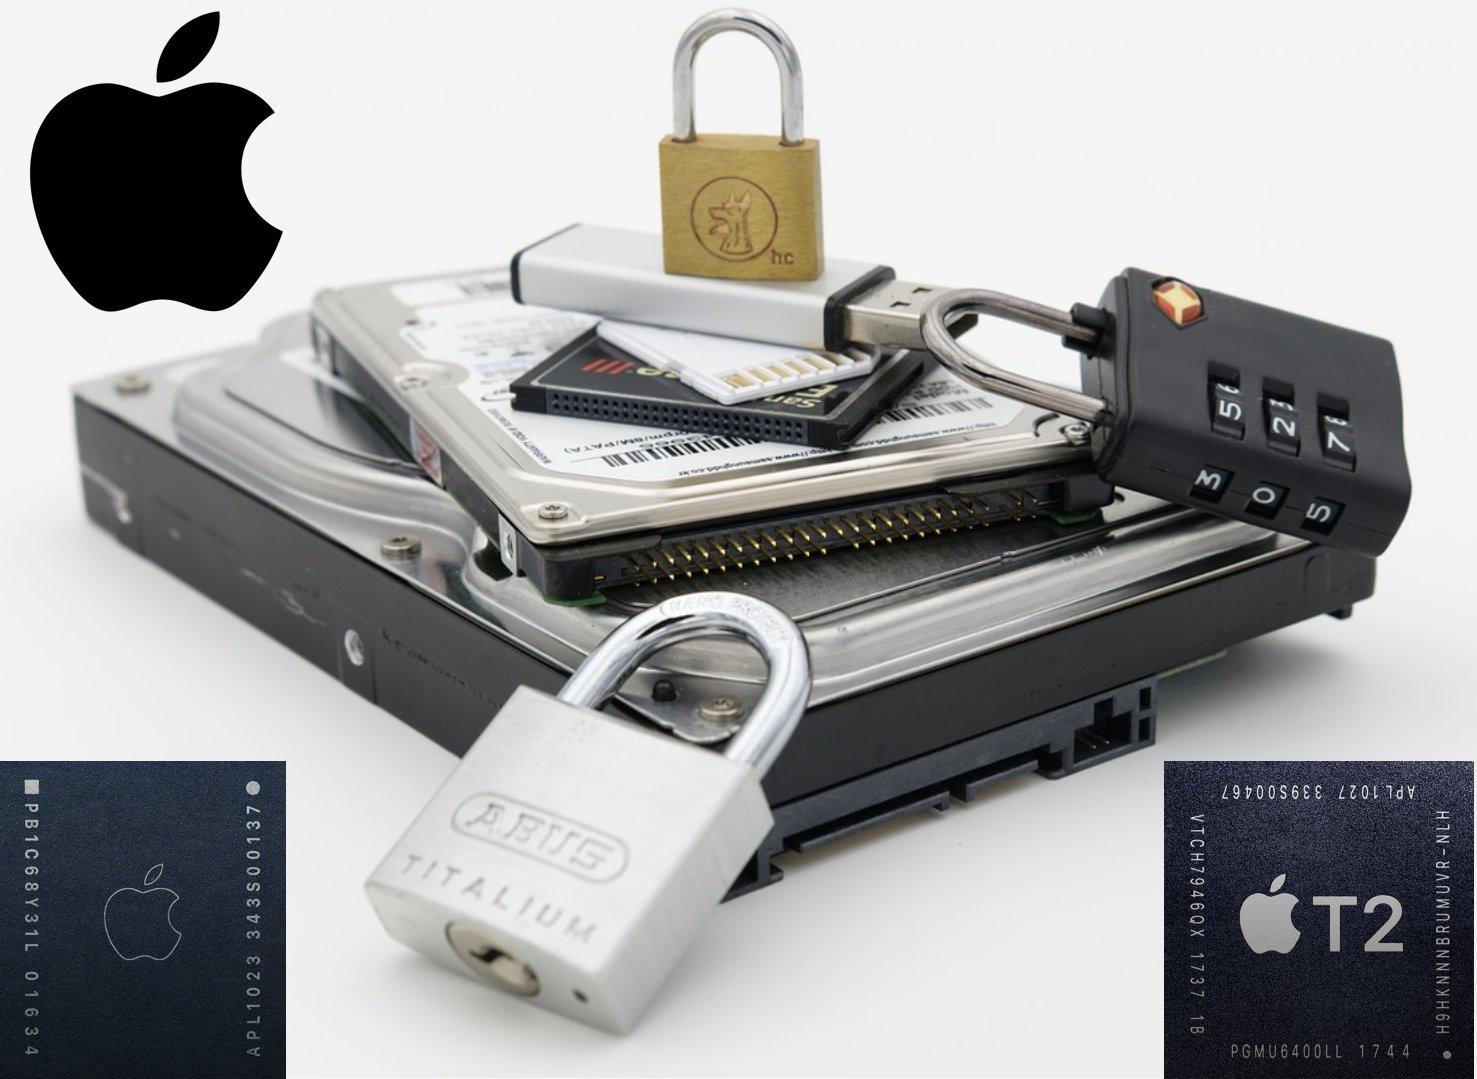 2016年後含T1/T2安全晶片的Mac Onboard SSD資料救援與數位鑑識